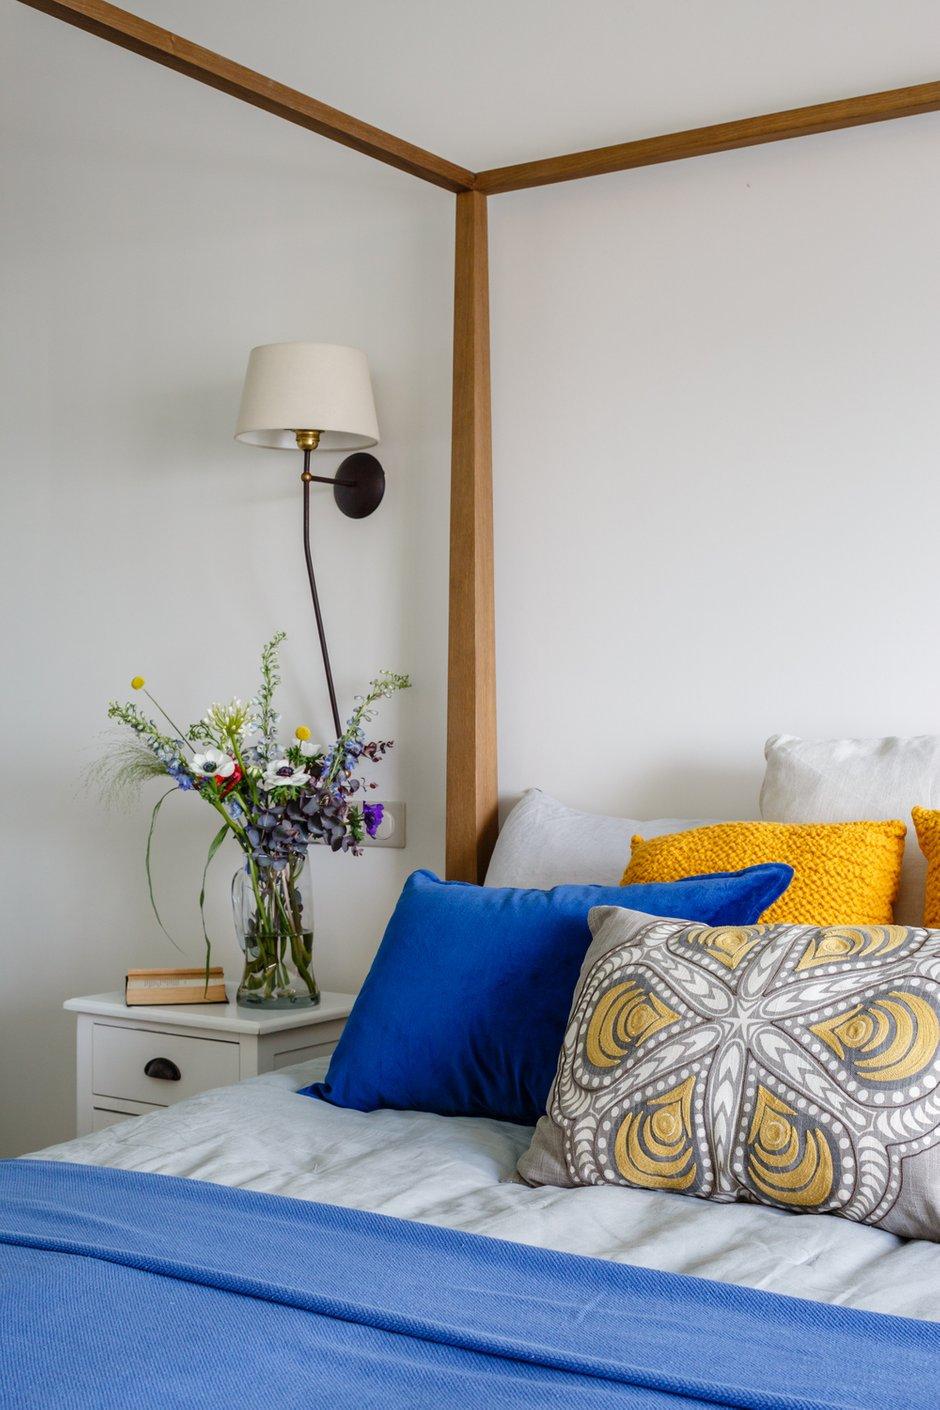 Фотография: Спальня в стиле Прованс и Кантри, Декор интерьера, Квартира, Проект недели, Москва, Надя Зотова, 3 комнаты, Более 90 метров, студия Enjoy Home, Монолитно-кирпичный – фото на INMYROOM